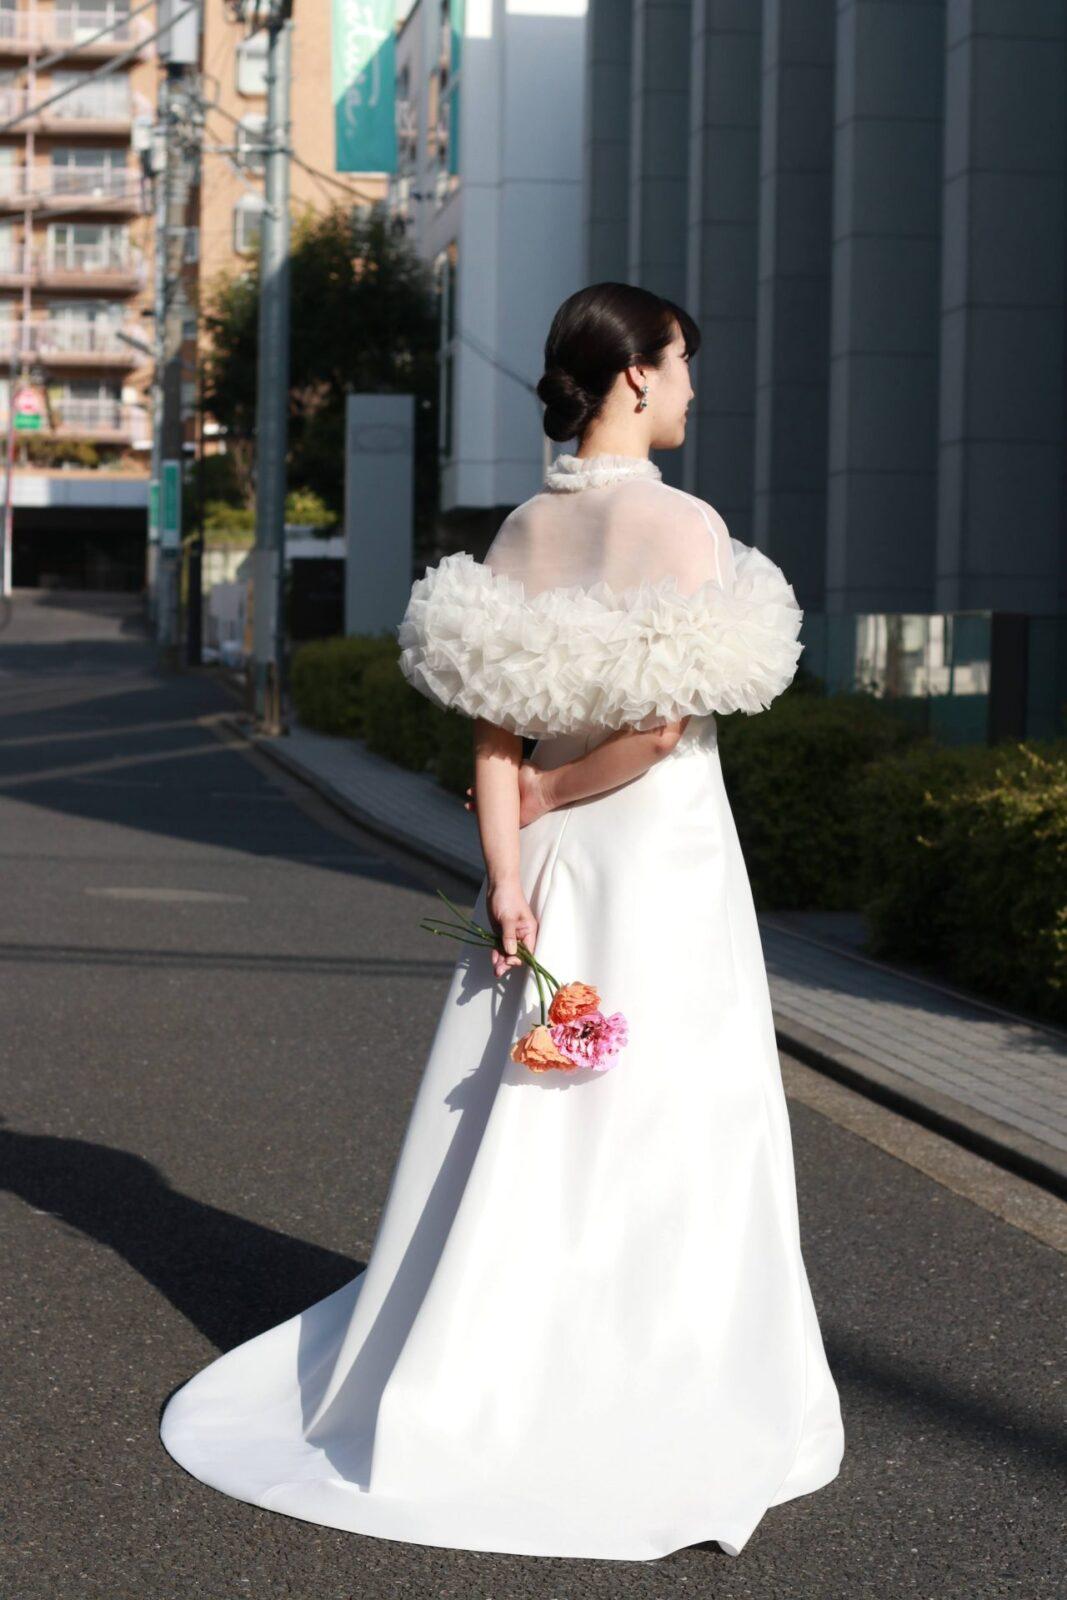 街中のロケーション撮影にも映えるトリートメゾンフォートモコイズミのボレロとウェディングドレス。